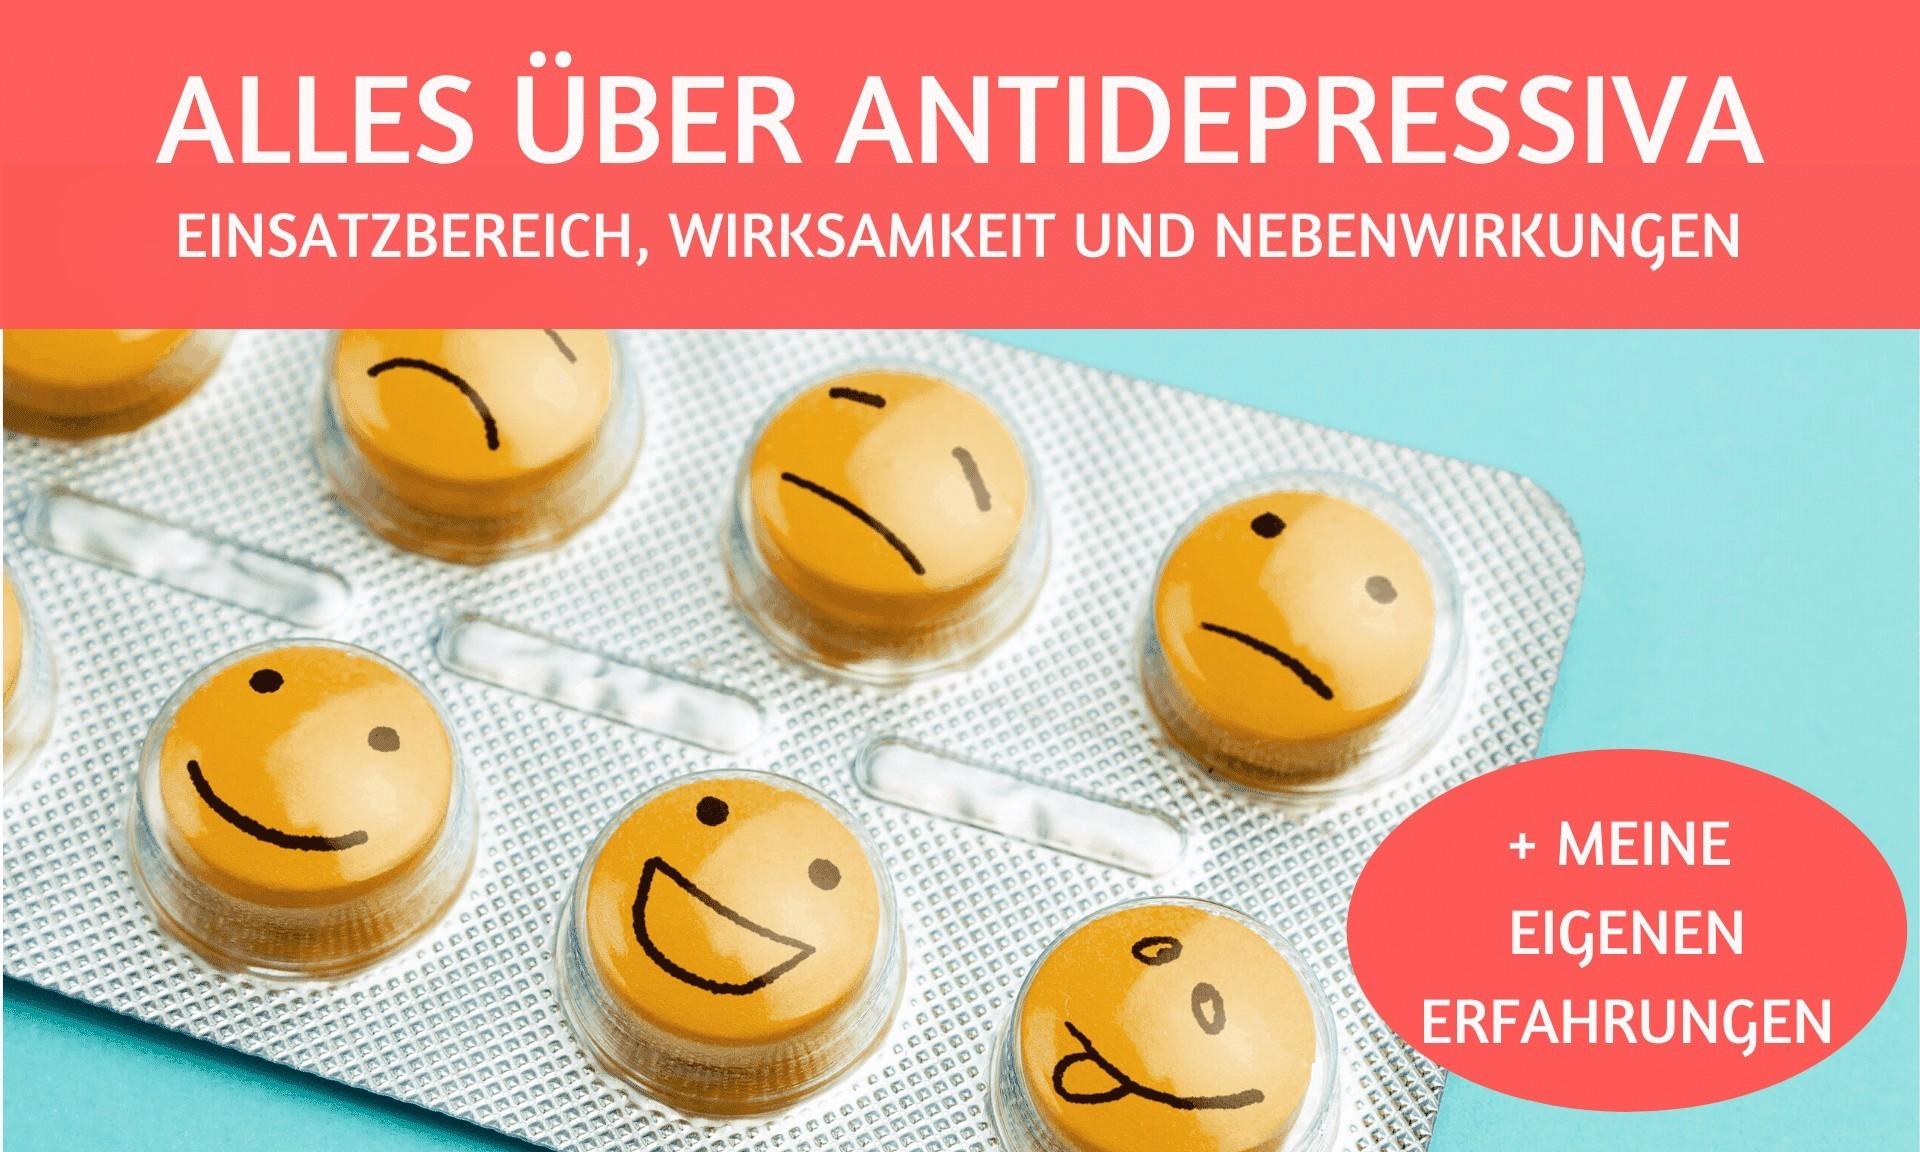 Nebenwirkungen antidepressiva ohne sexuelle Fachinformation Neurologie